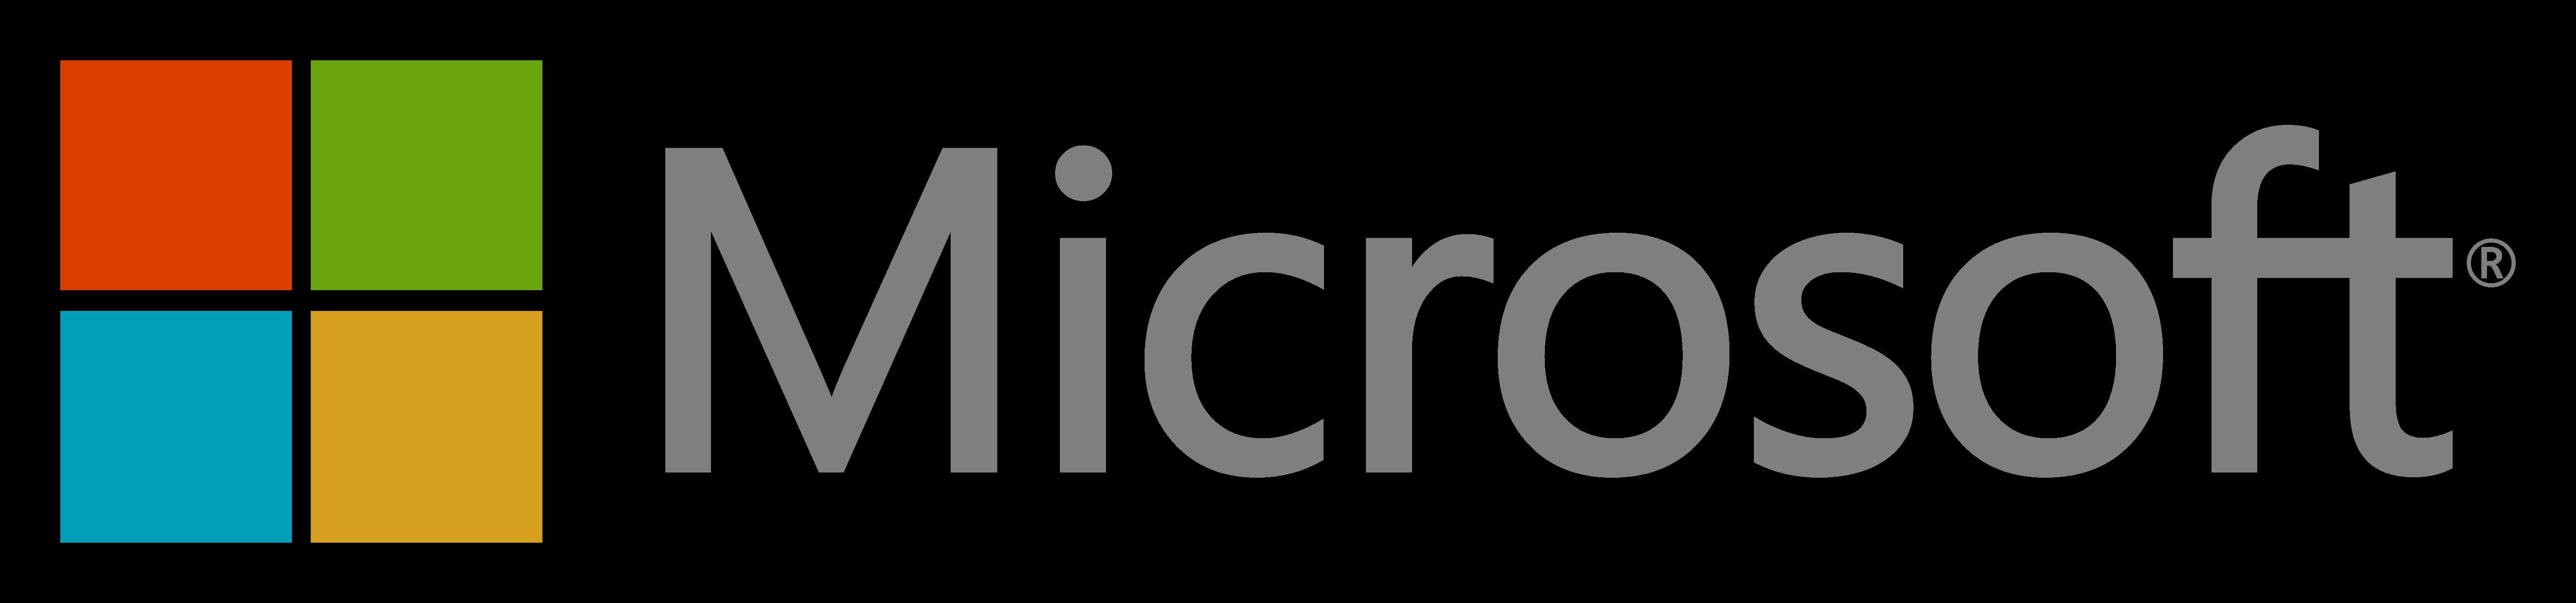 Microsoft Color